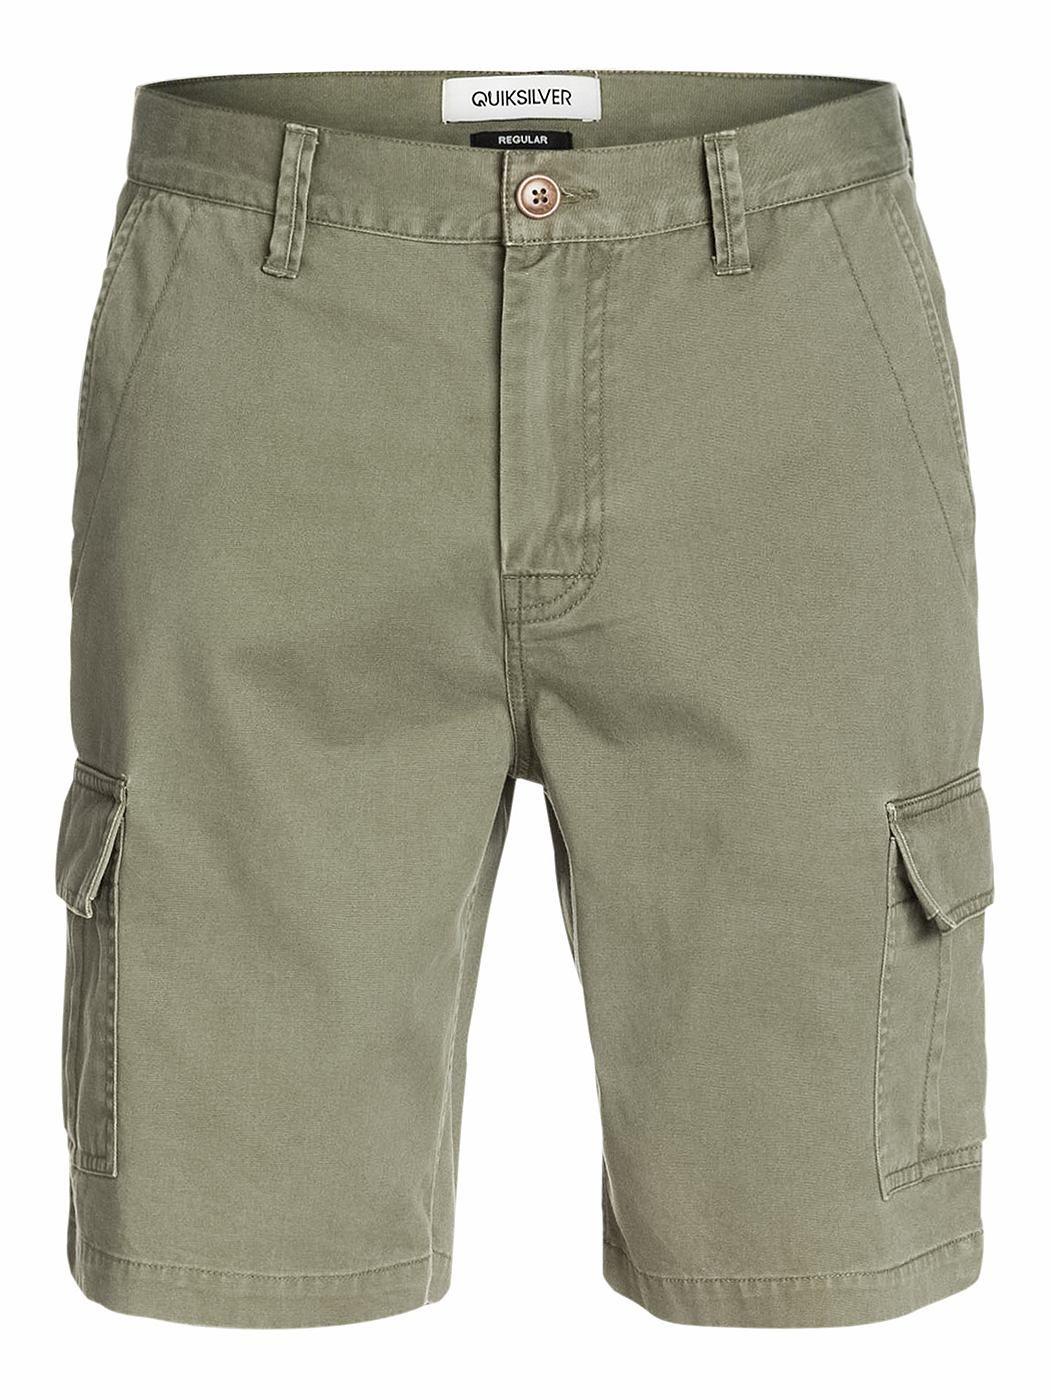 """Krango Up - QUIKSILVER 21"""" Cargo-Shorts für Männer  Diese 21"""" Cargo-Shorts kommen mit Straight Fit und sind die perfekte Ergänzung zu der Quiksilver Frühjahrs Kollektion 2015. Weitere Features sind: ein mittelschwerer 29g / m2 Twill-Stoff und ein 6-Pocket-Design.  Merkmale:  21"""" Cargo-Shorts, Mittelschwerer 29g / m2 Twill-Stoff, 6-Pocket-Design, Stückfärbung, Kontrast-Taschen,  ..."""